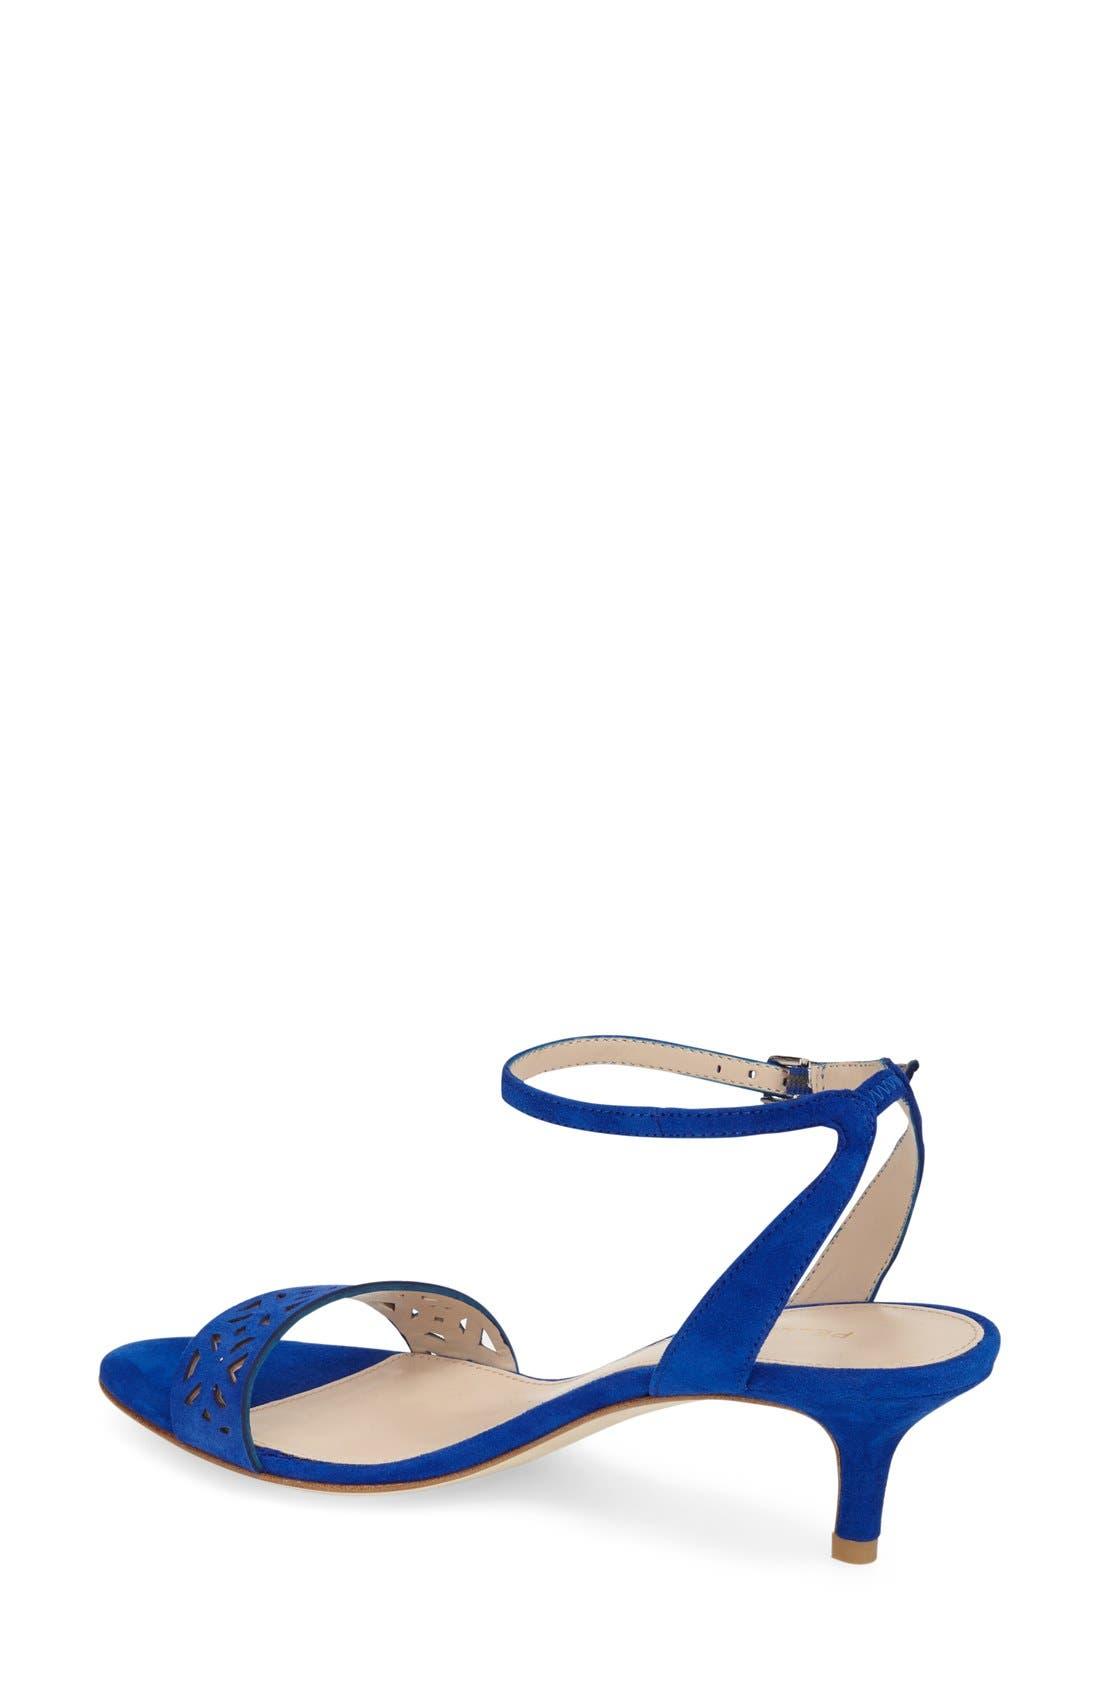 'Otis' Ankle Strap Sandal,                             Alternate thumbnail 32, color,